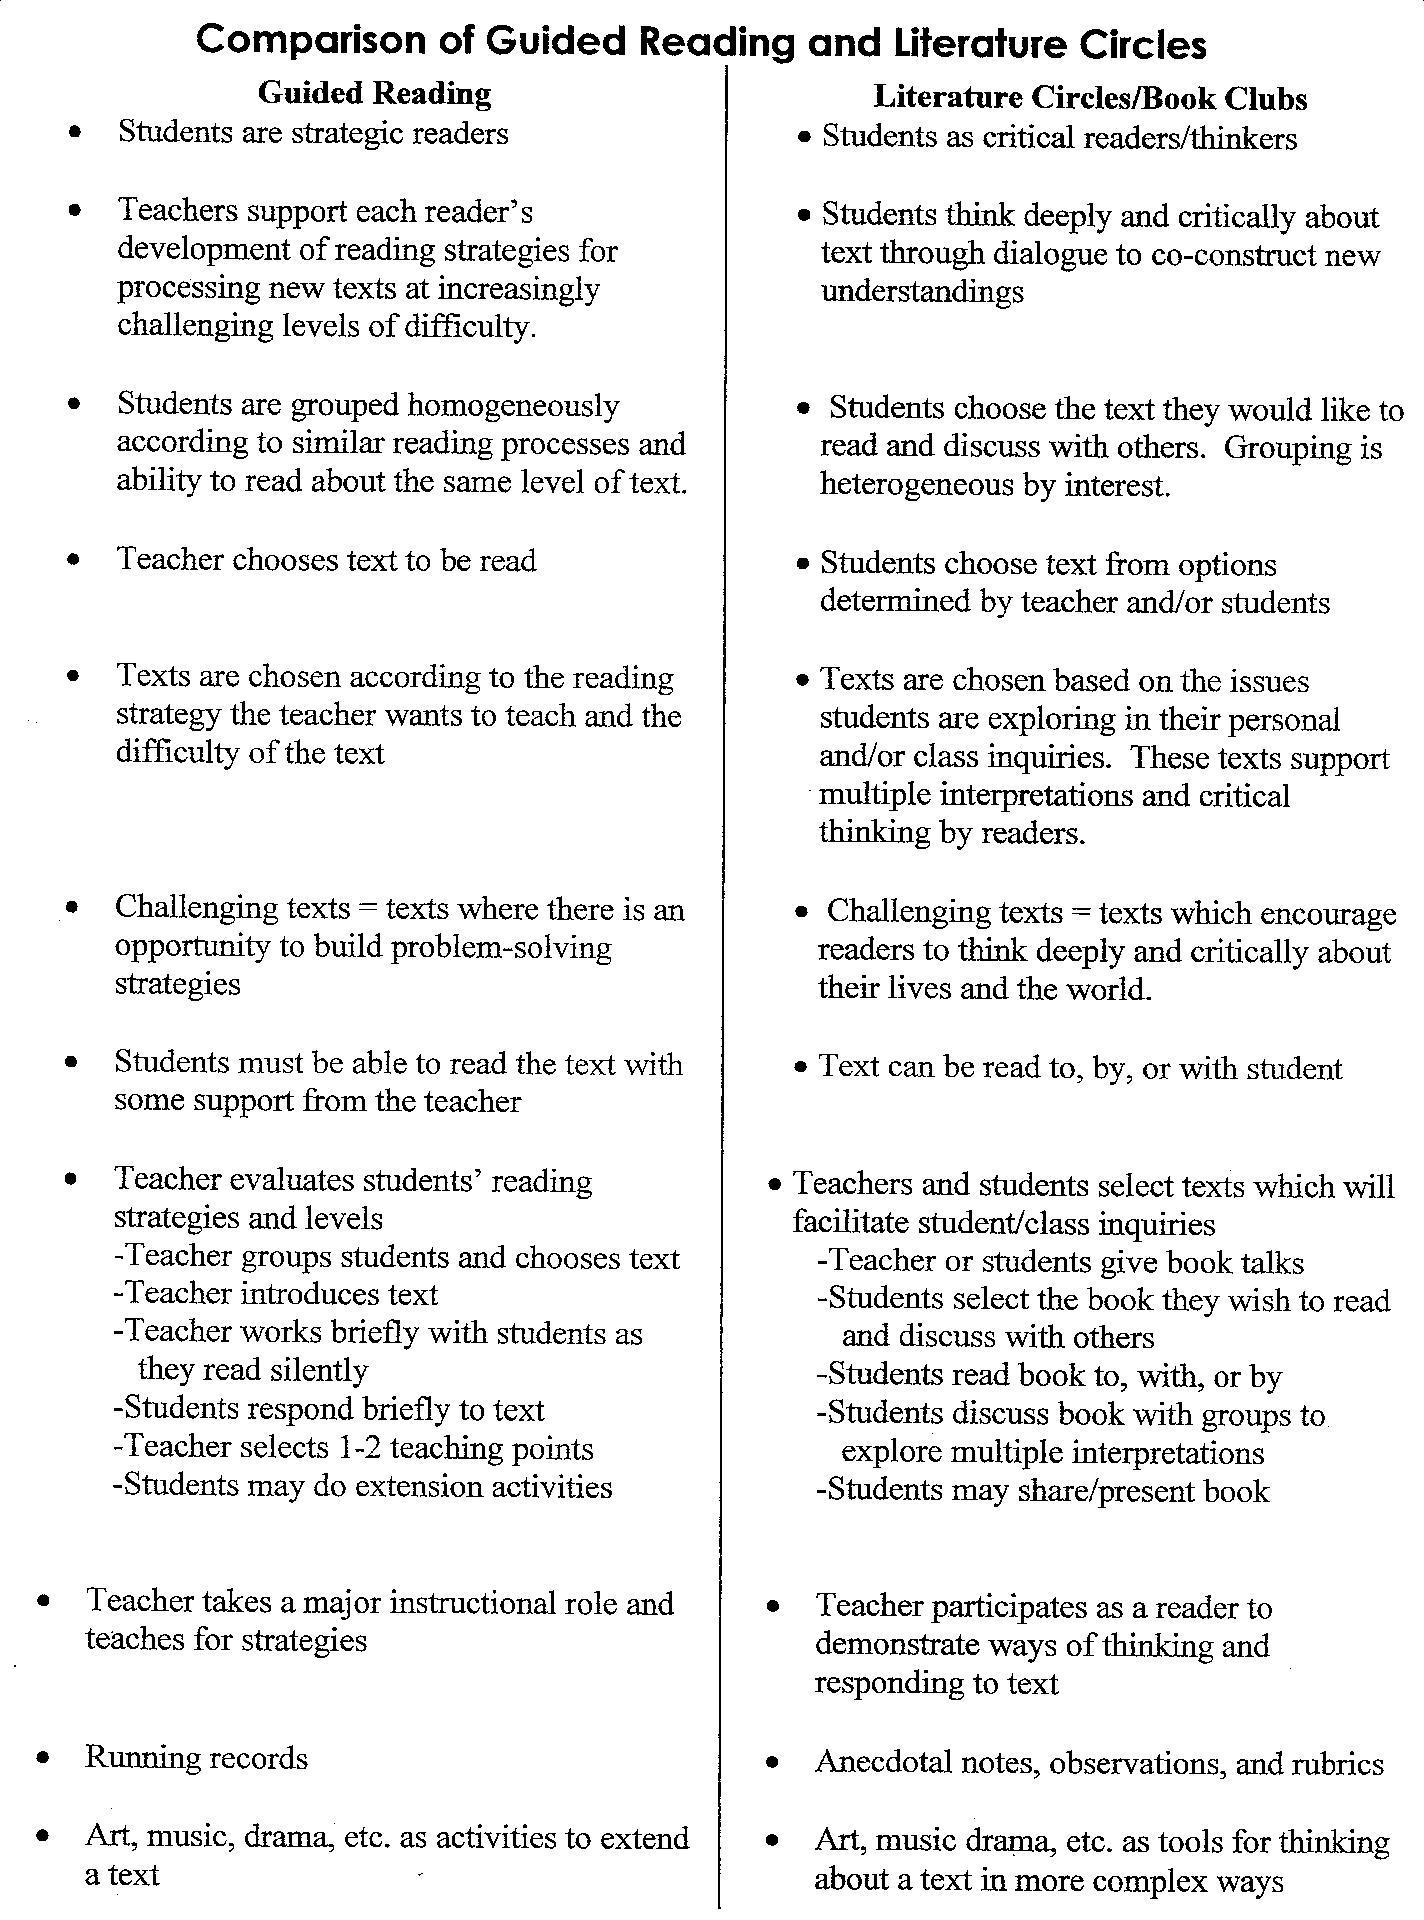 18 Best Images Of Narrative Reading Worksheets